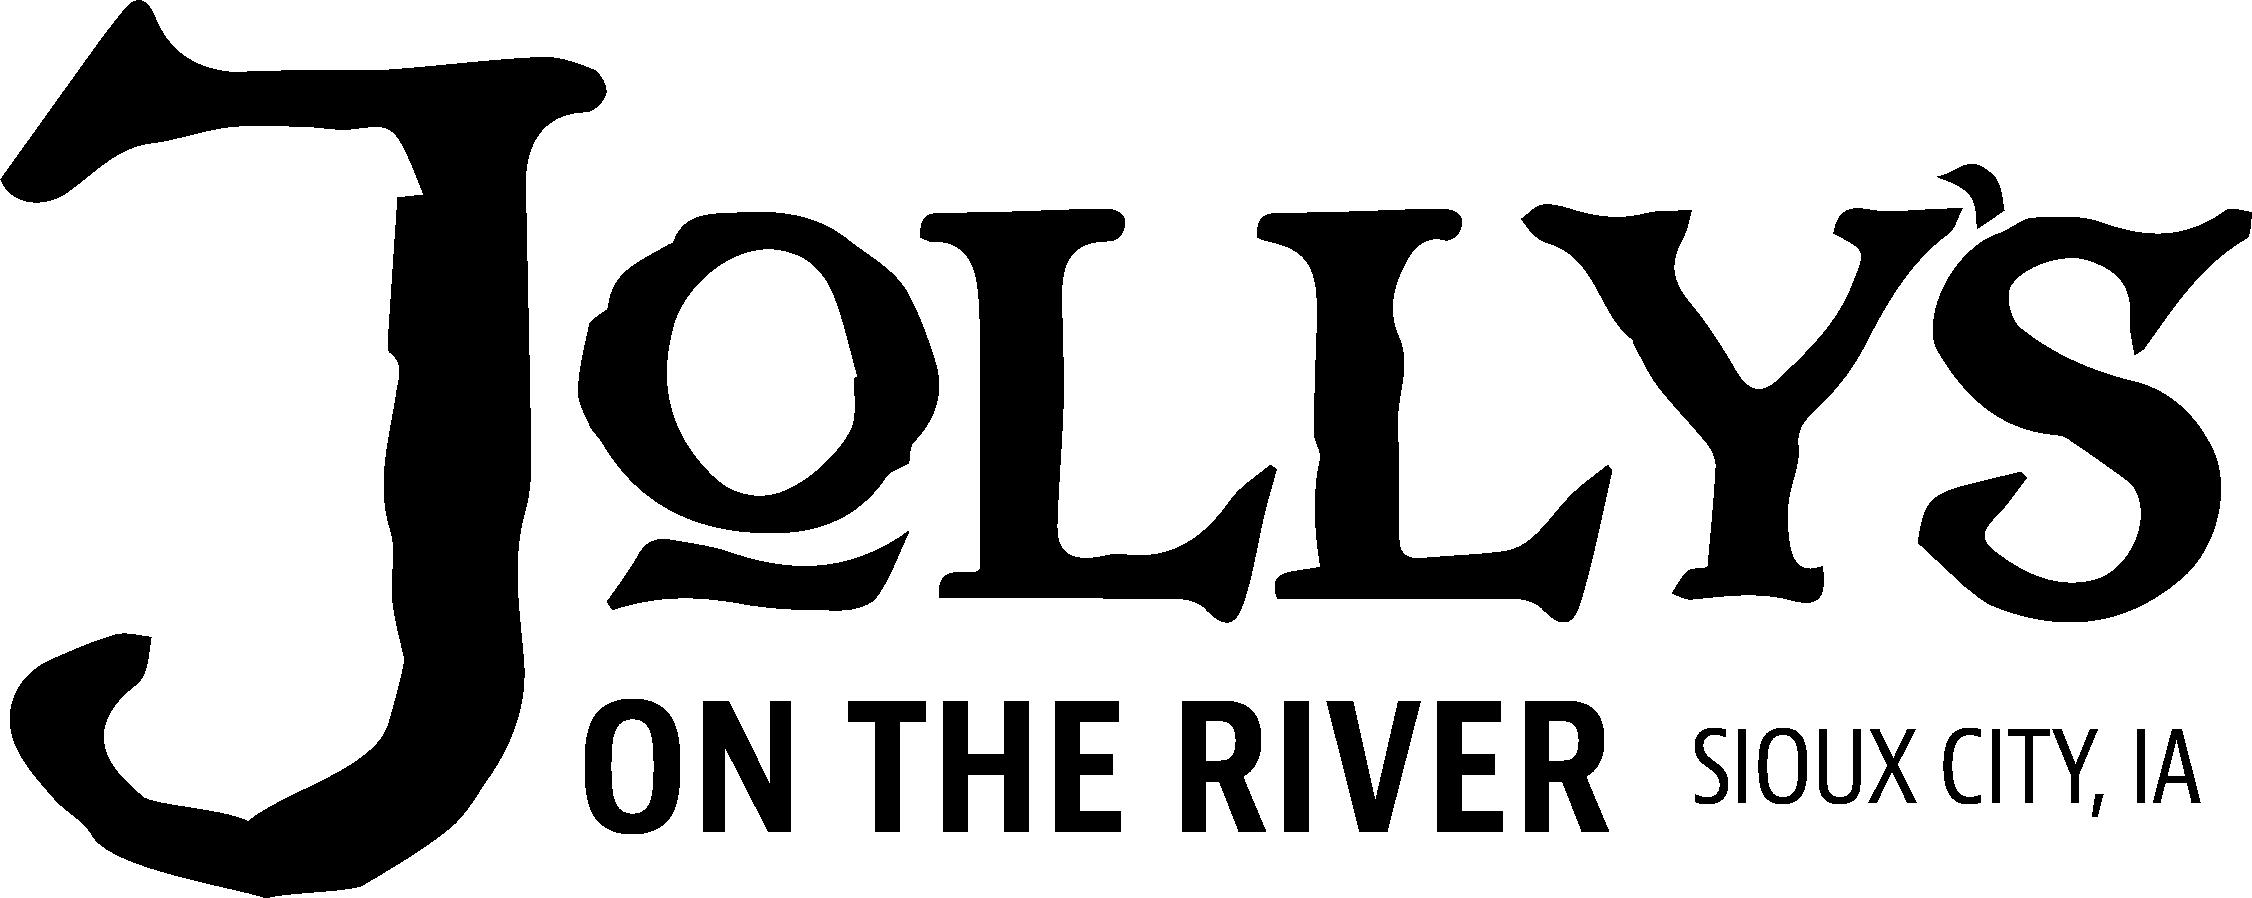 Jollys on the River - Sioux City, IA logo